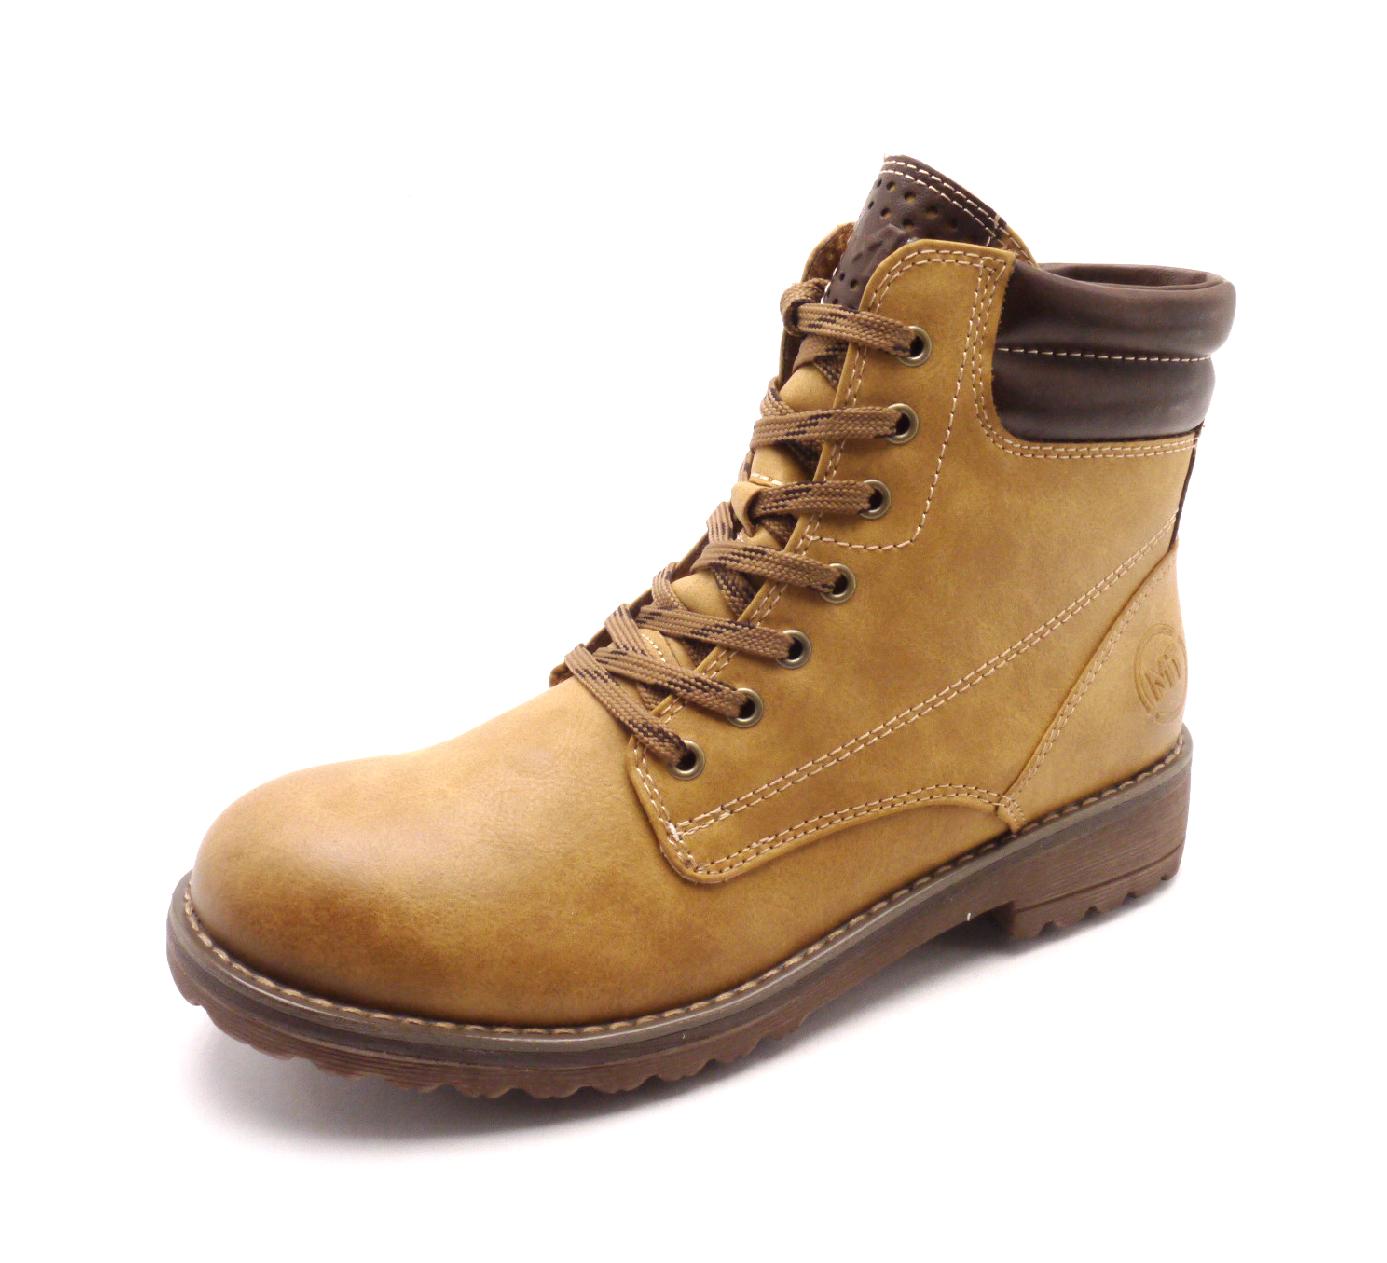 c13f3df4d86 Marco Tozzi Dámská zimní kotníková obuv 2-26230-29 Velikost  36